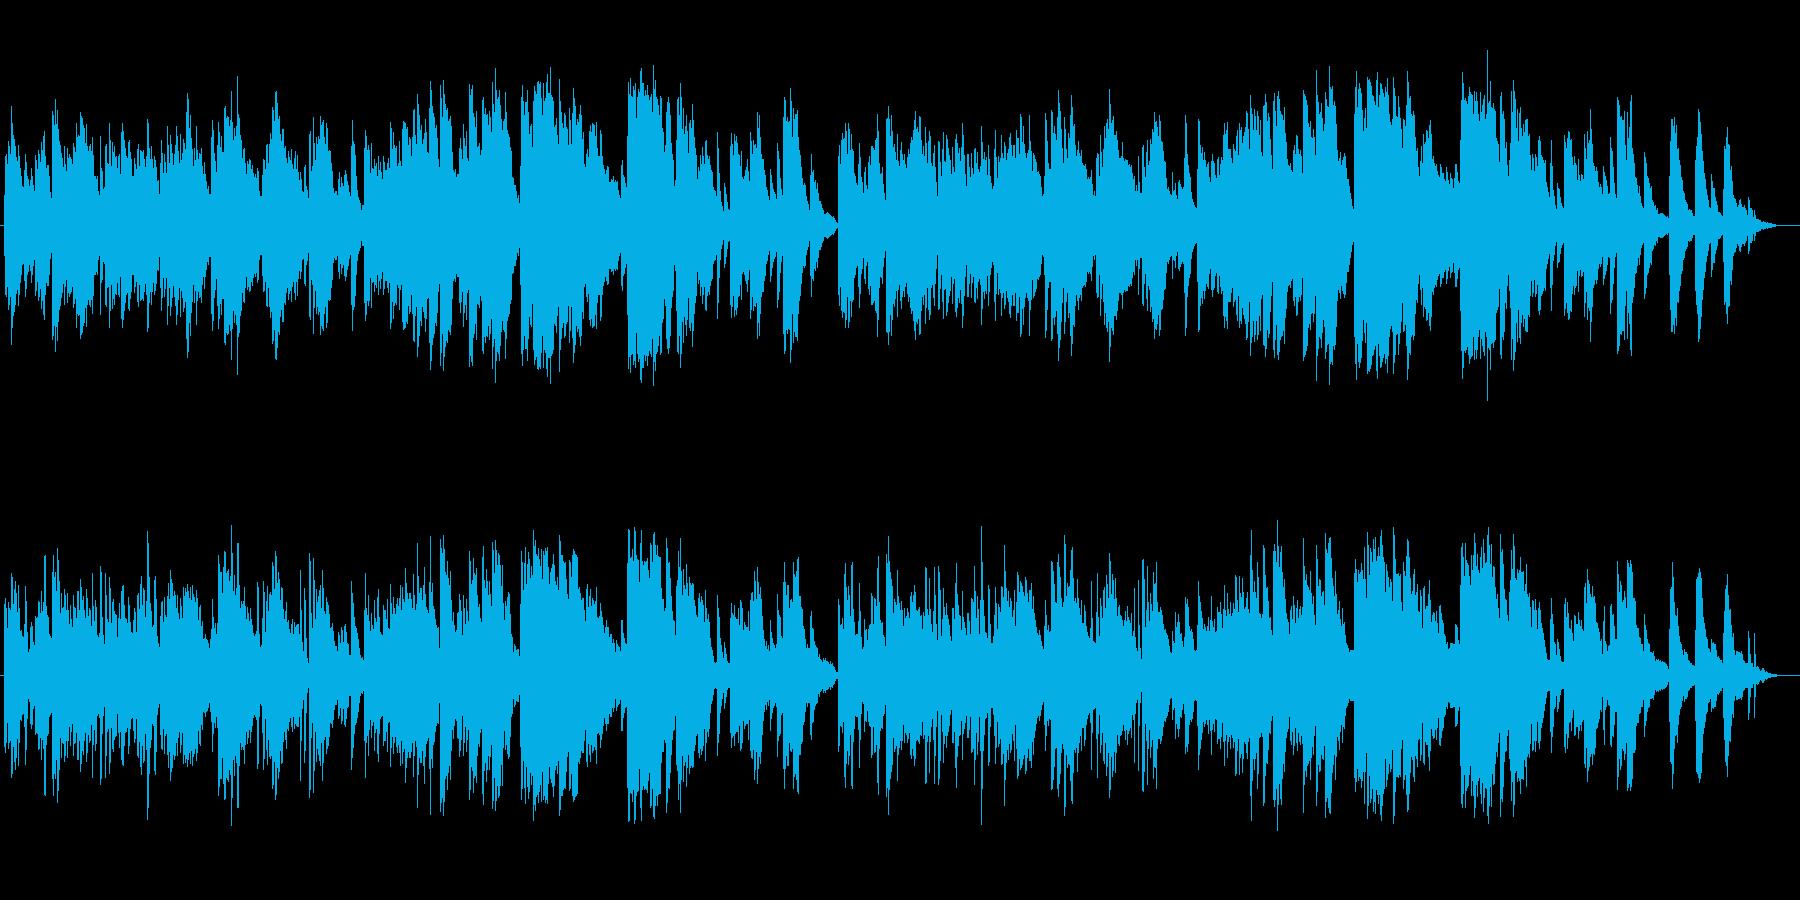 清らかなピアノによるバラードの再生済みの波形